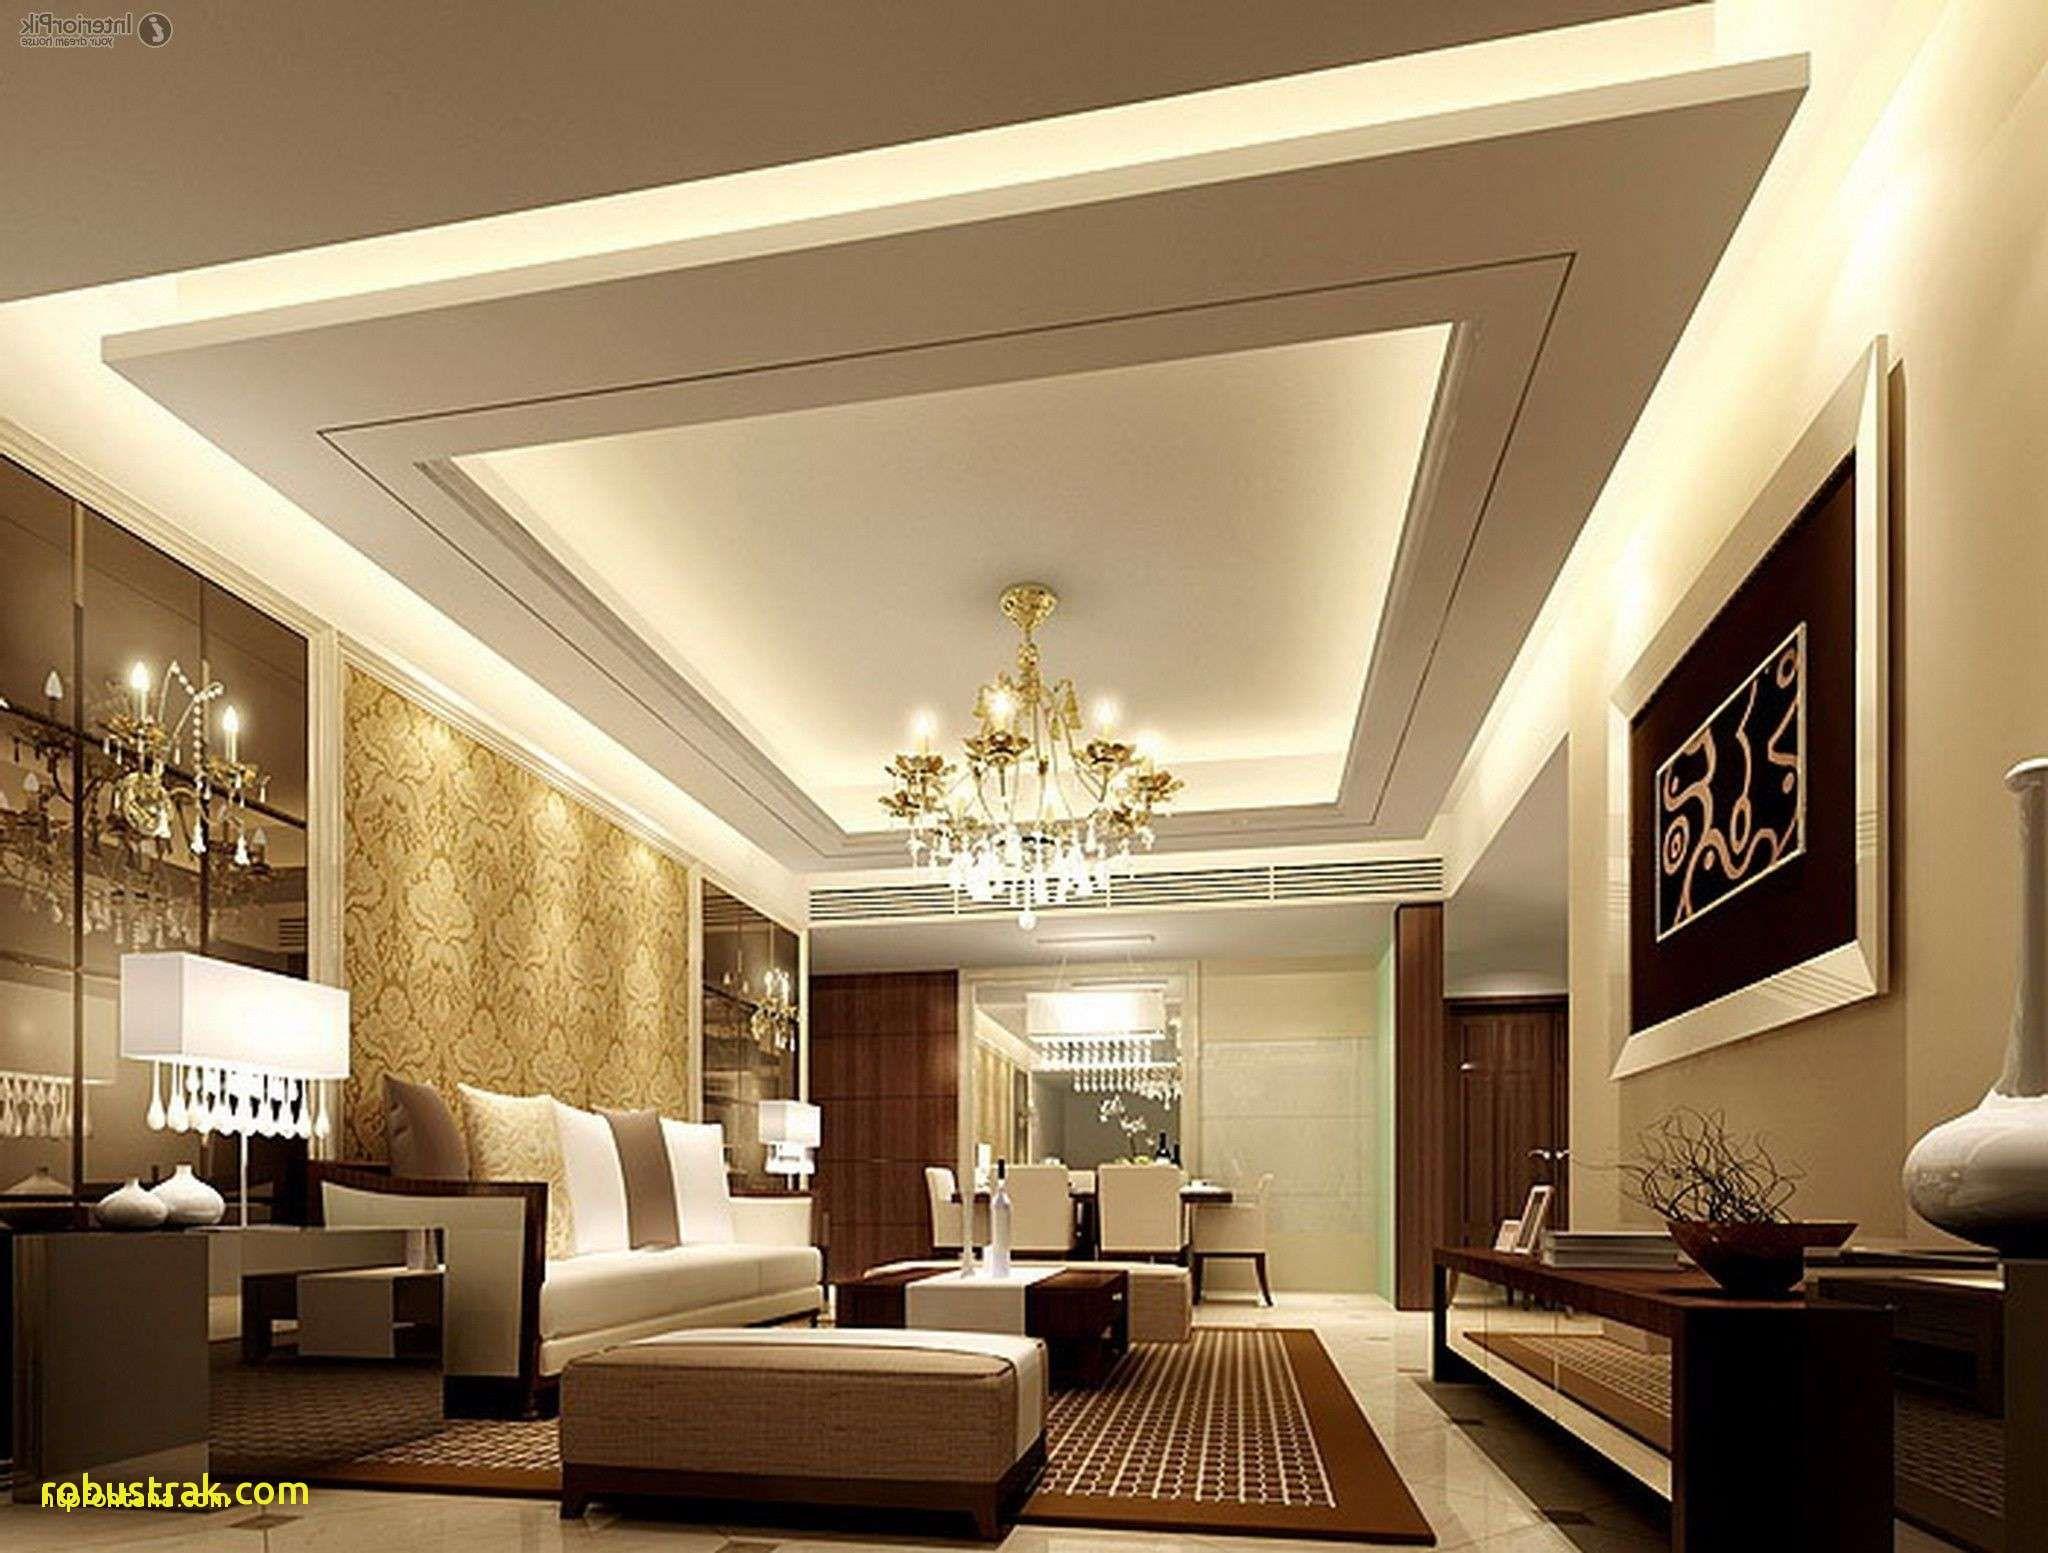 Modern Living Room Decor Inspirational Gypsum Ceiling Design